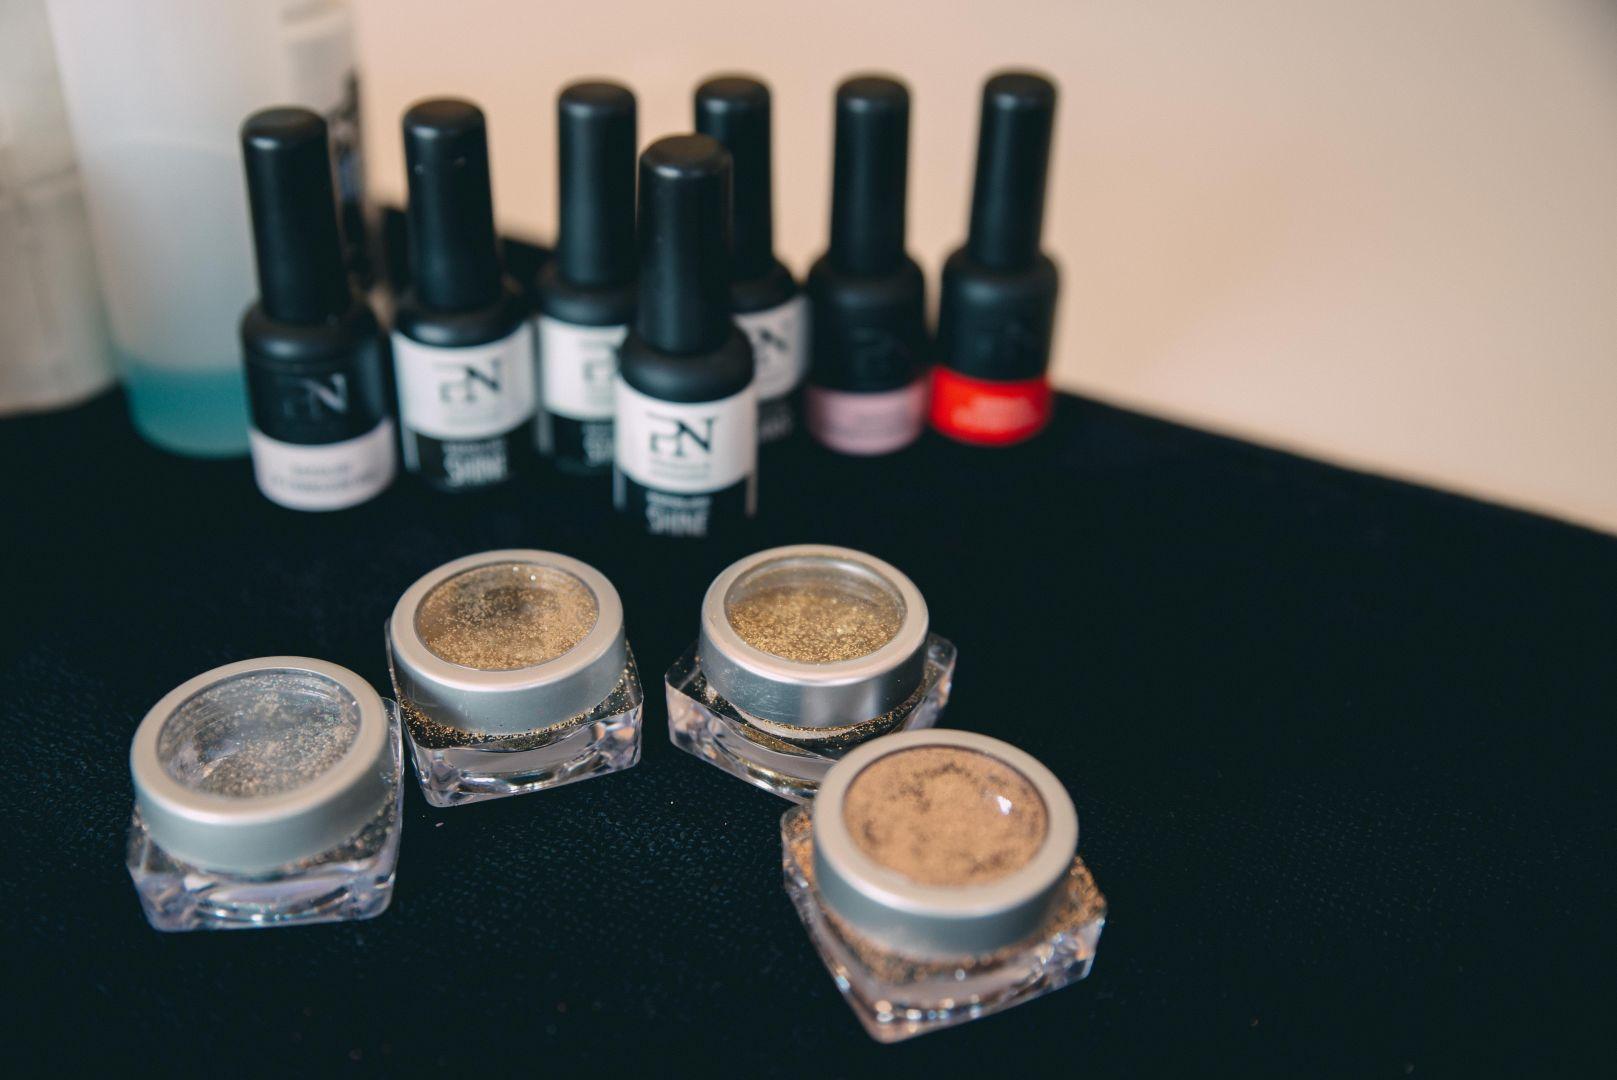 Nolwenn Derennes coiffure beauté esthétique maquillage professionnel massage ongles cheveux peau yoga relaxation stylisme mariage conseils bien-être make